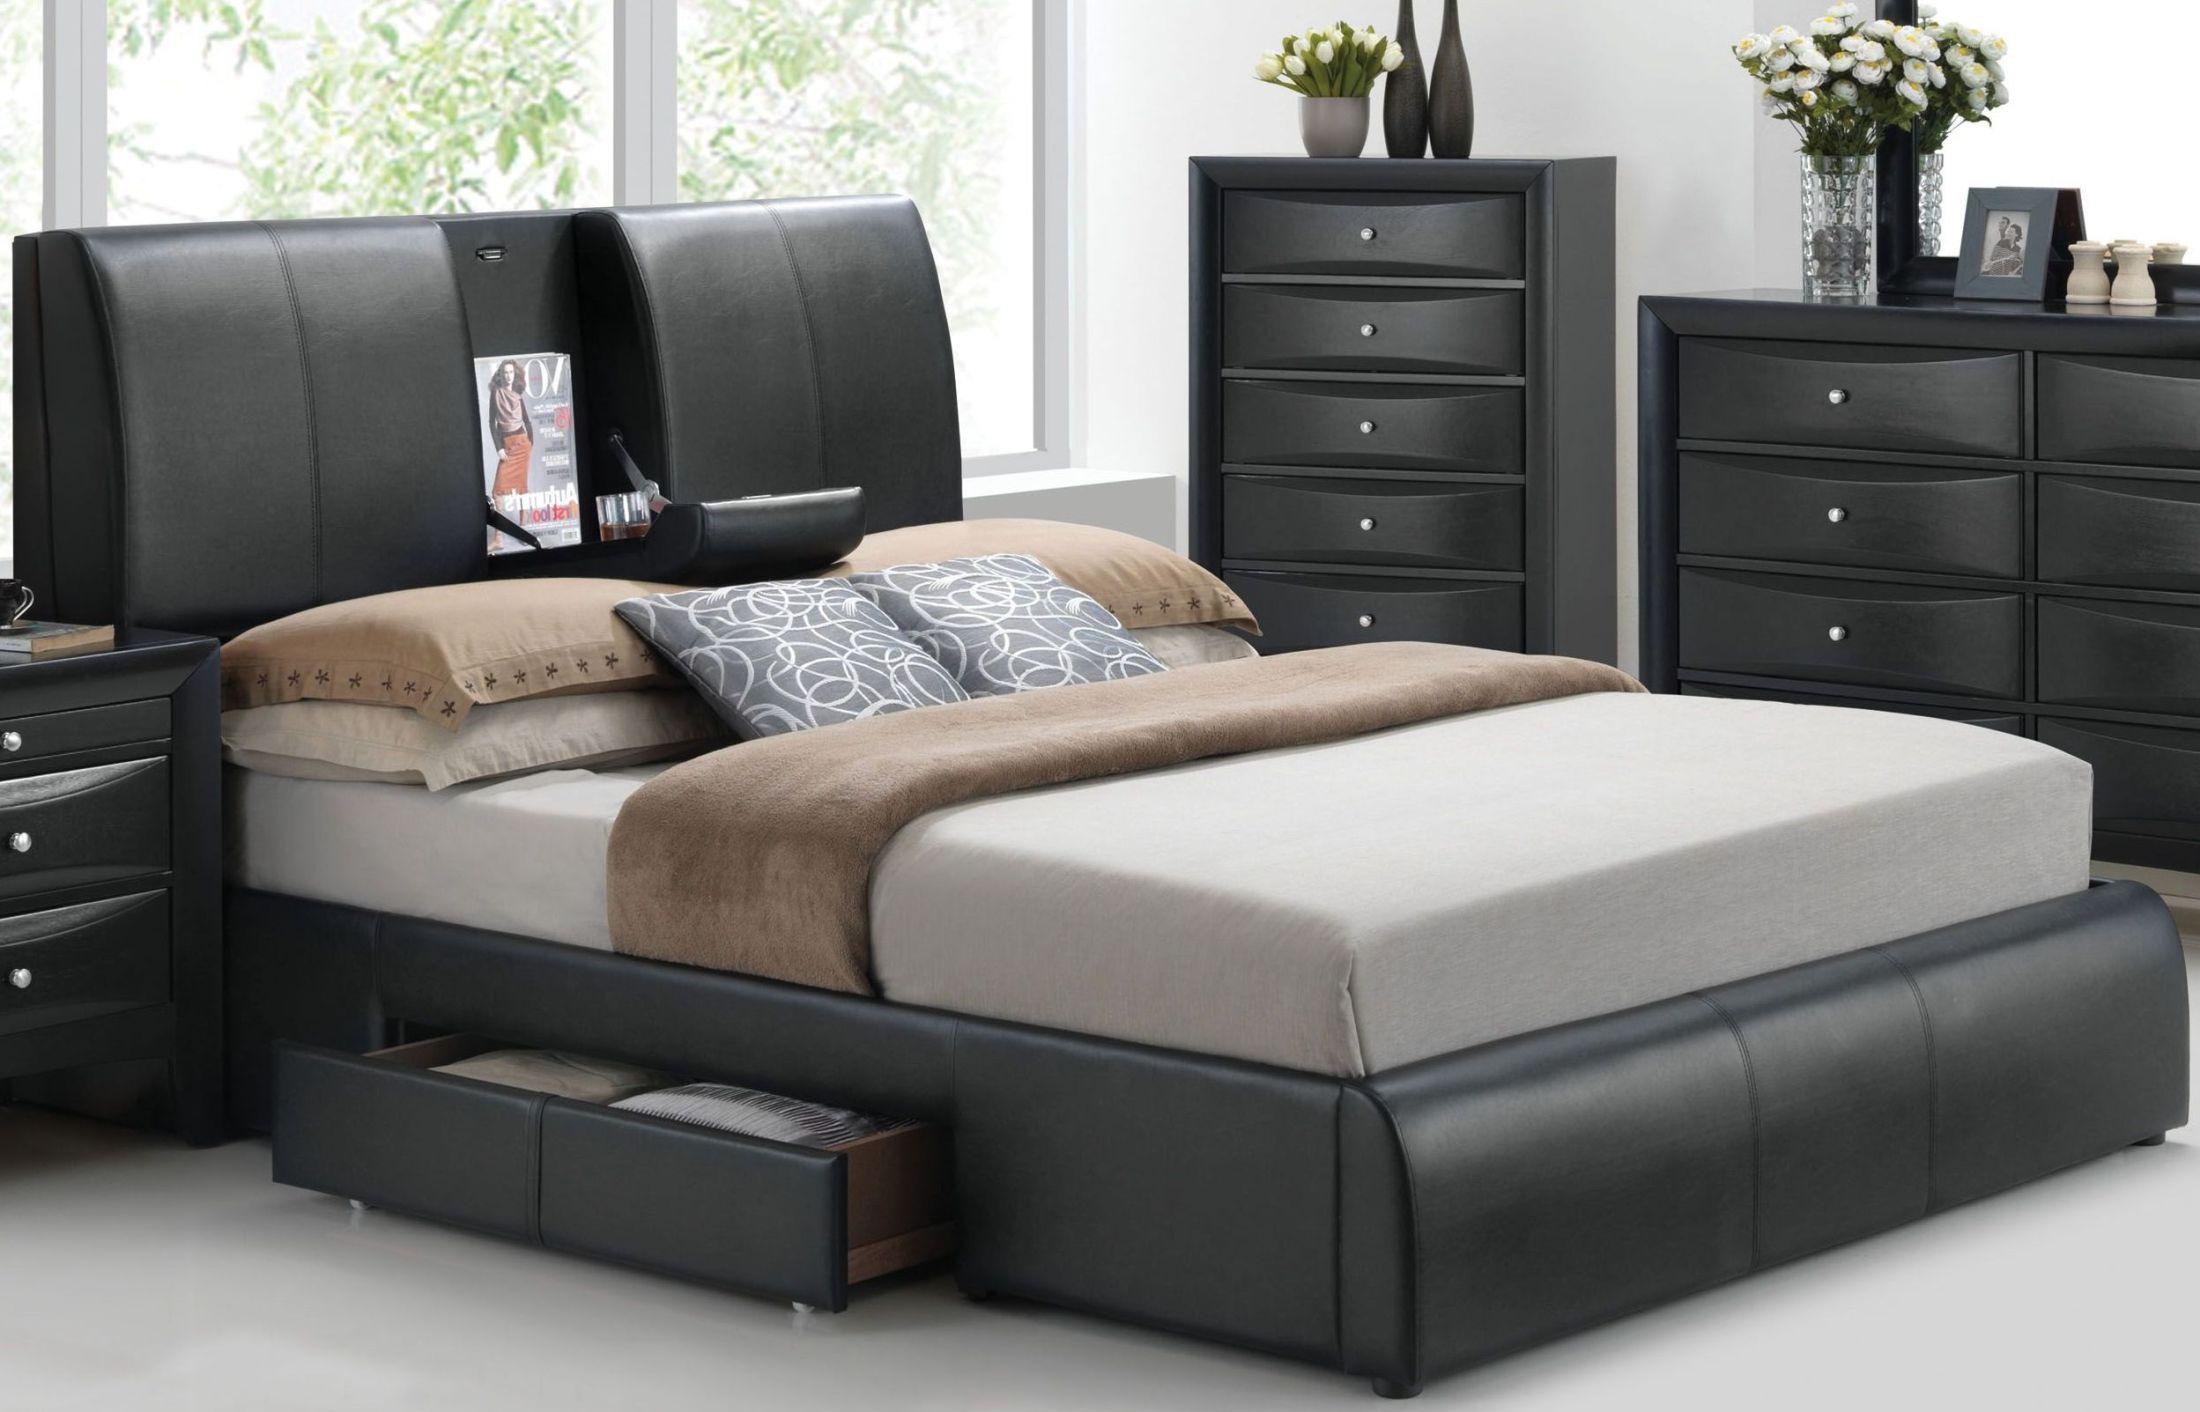 Acme Kofi Black King Upholstered Platform Storage Bed